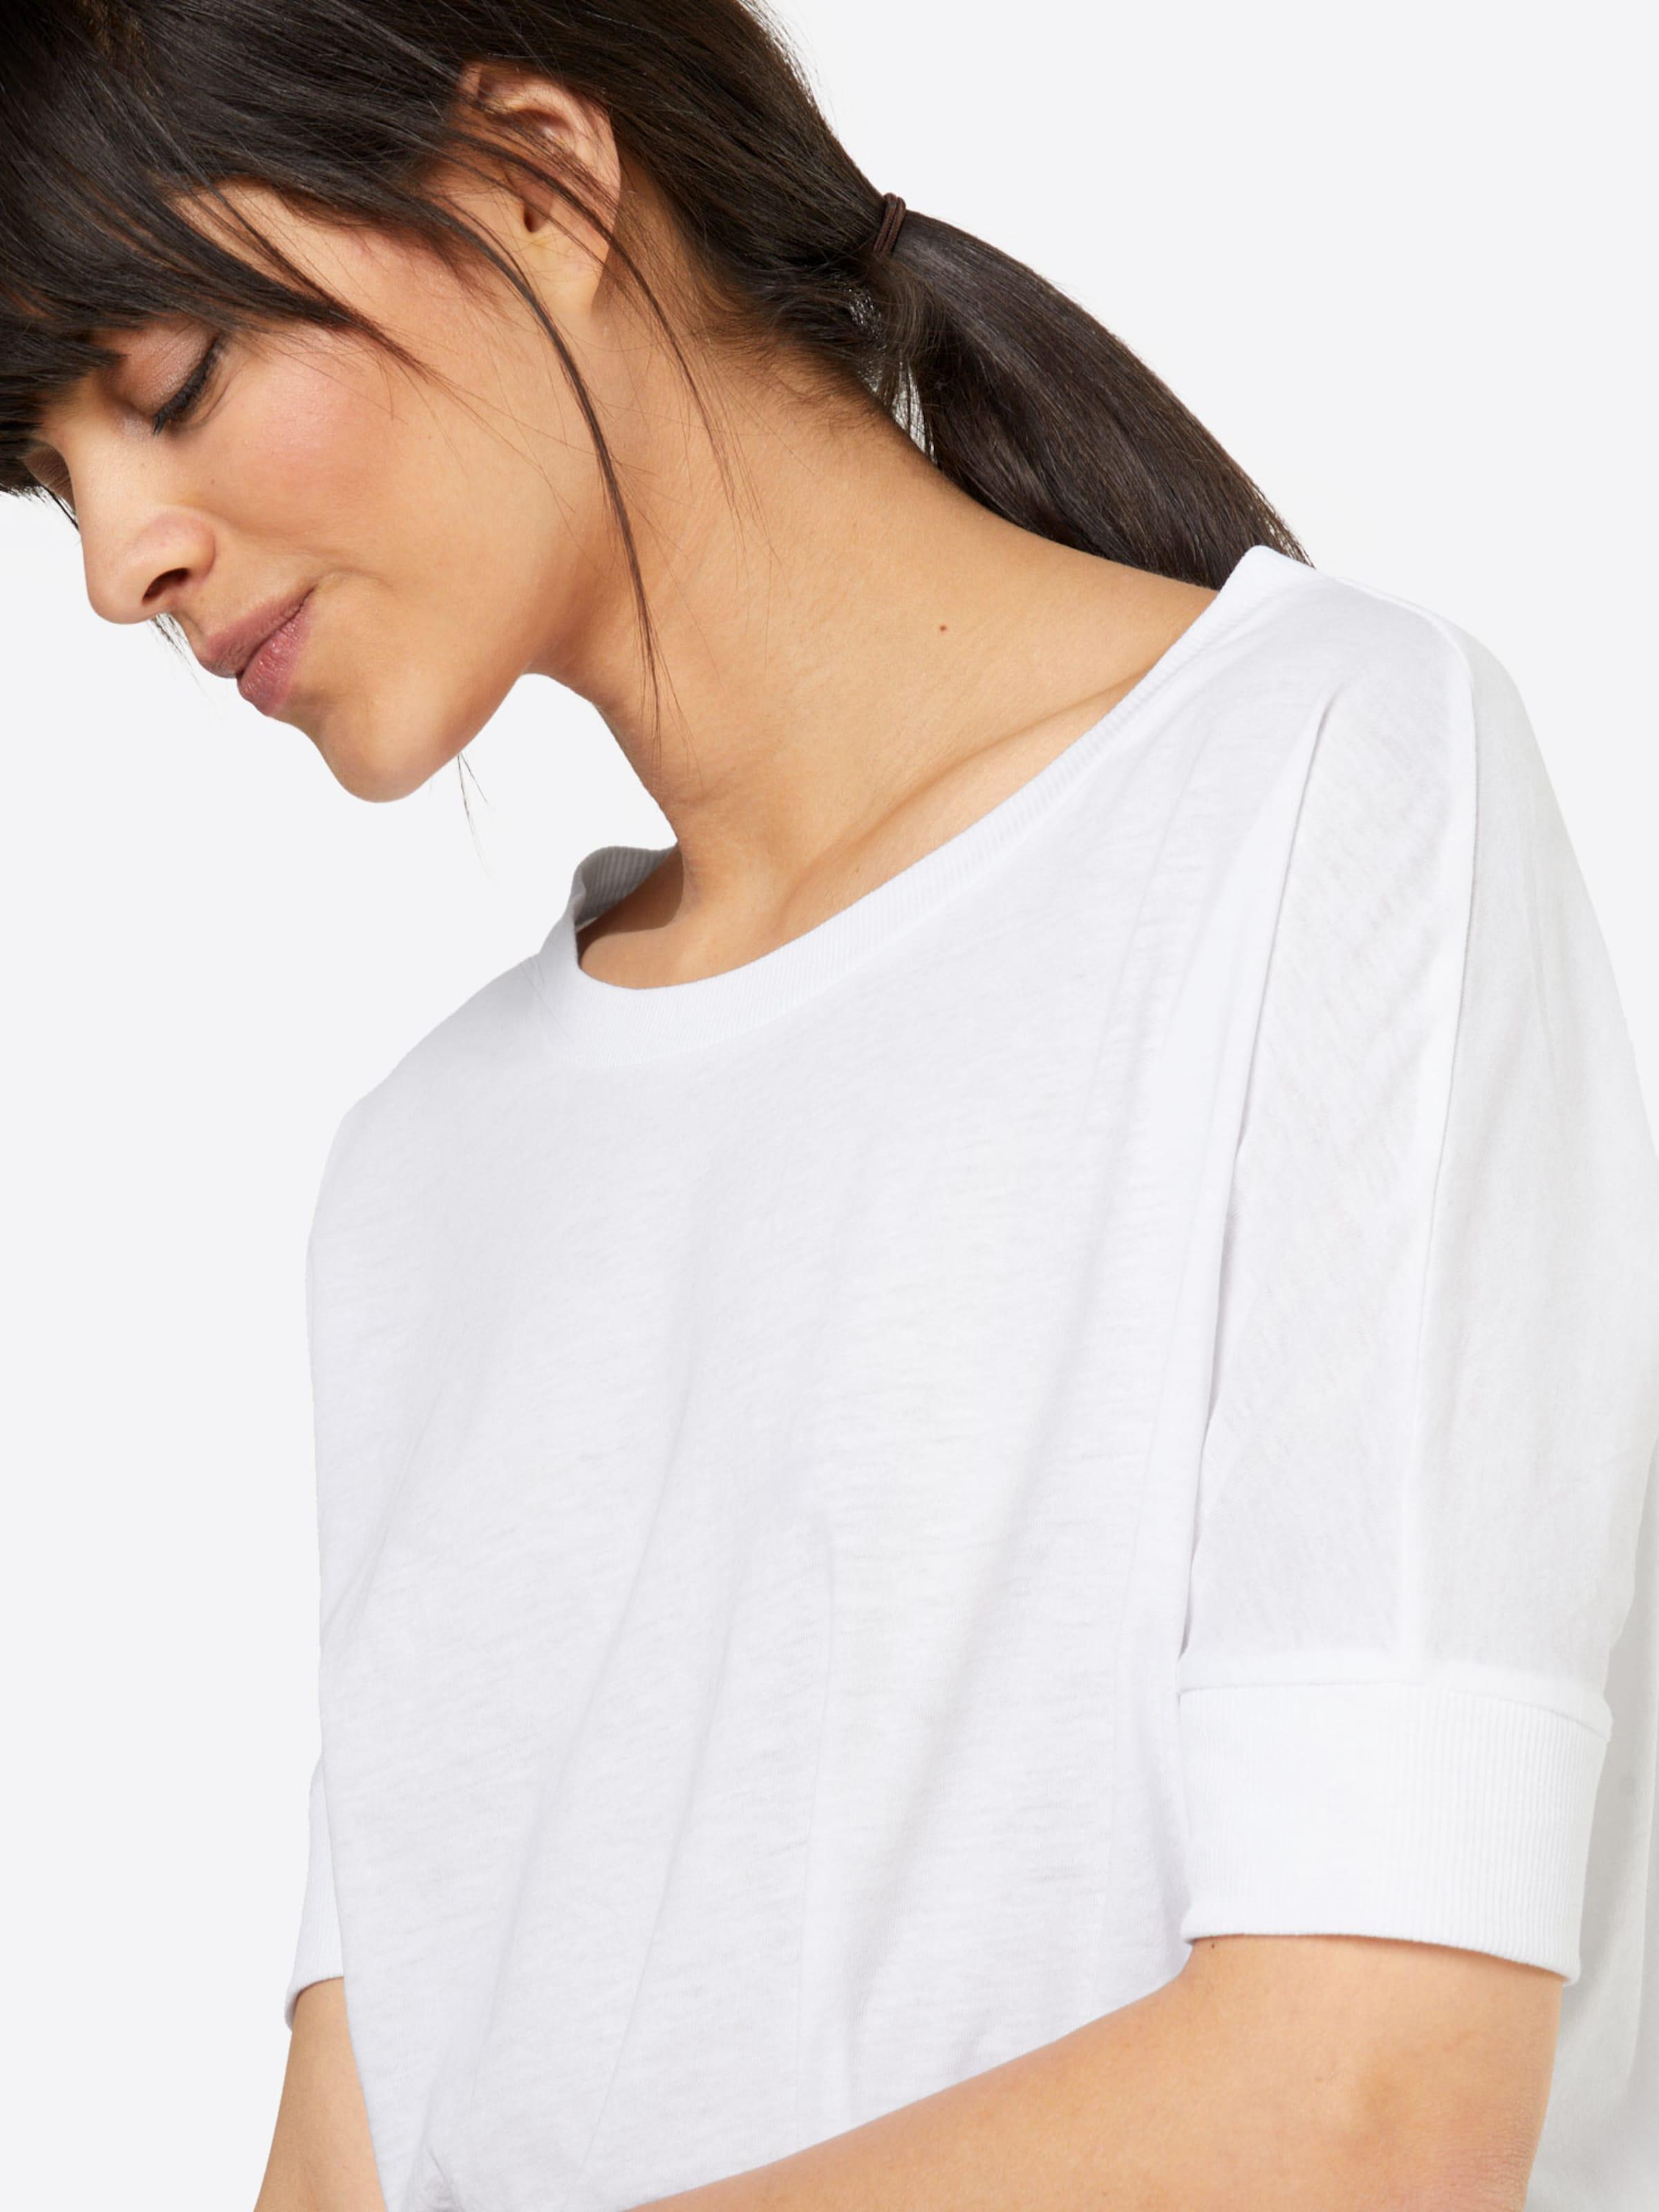 Spielraum 2018 Geschäft Zum Verkauf s.Oliver Denim Casual T-Shirt Günstige Online Günstig Preis-Kosten xdp1L